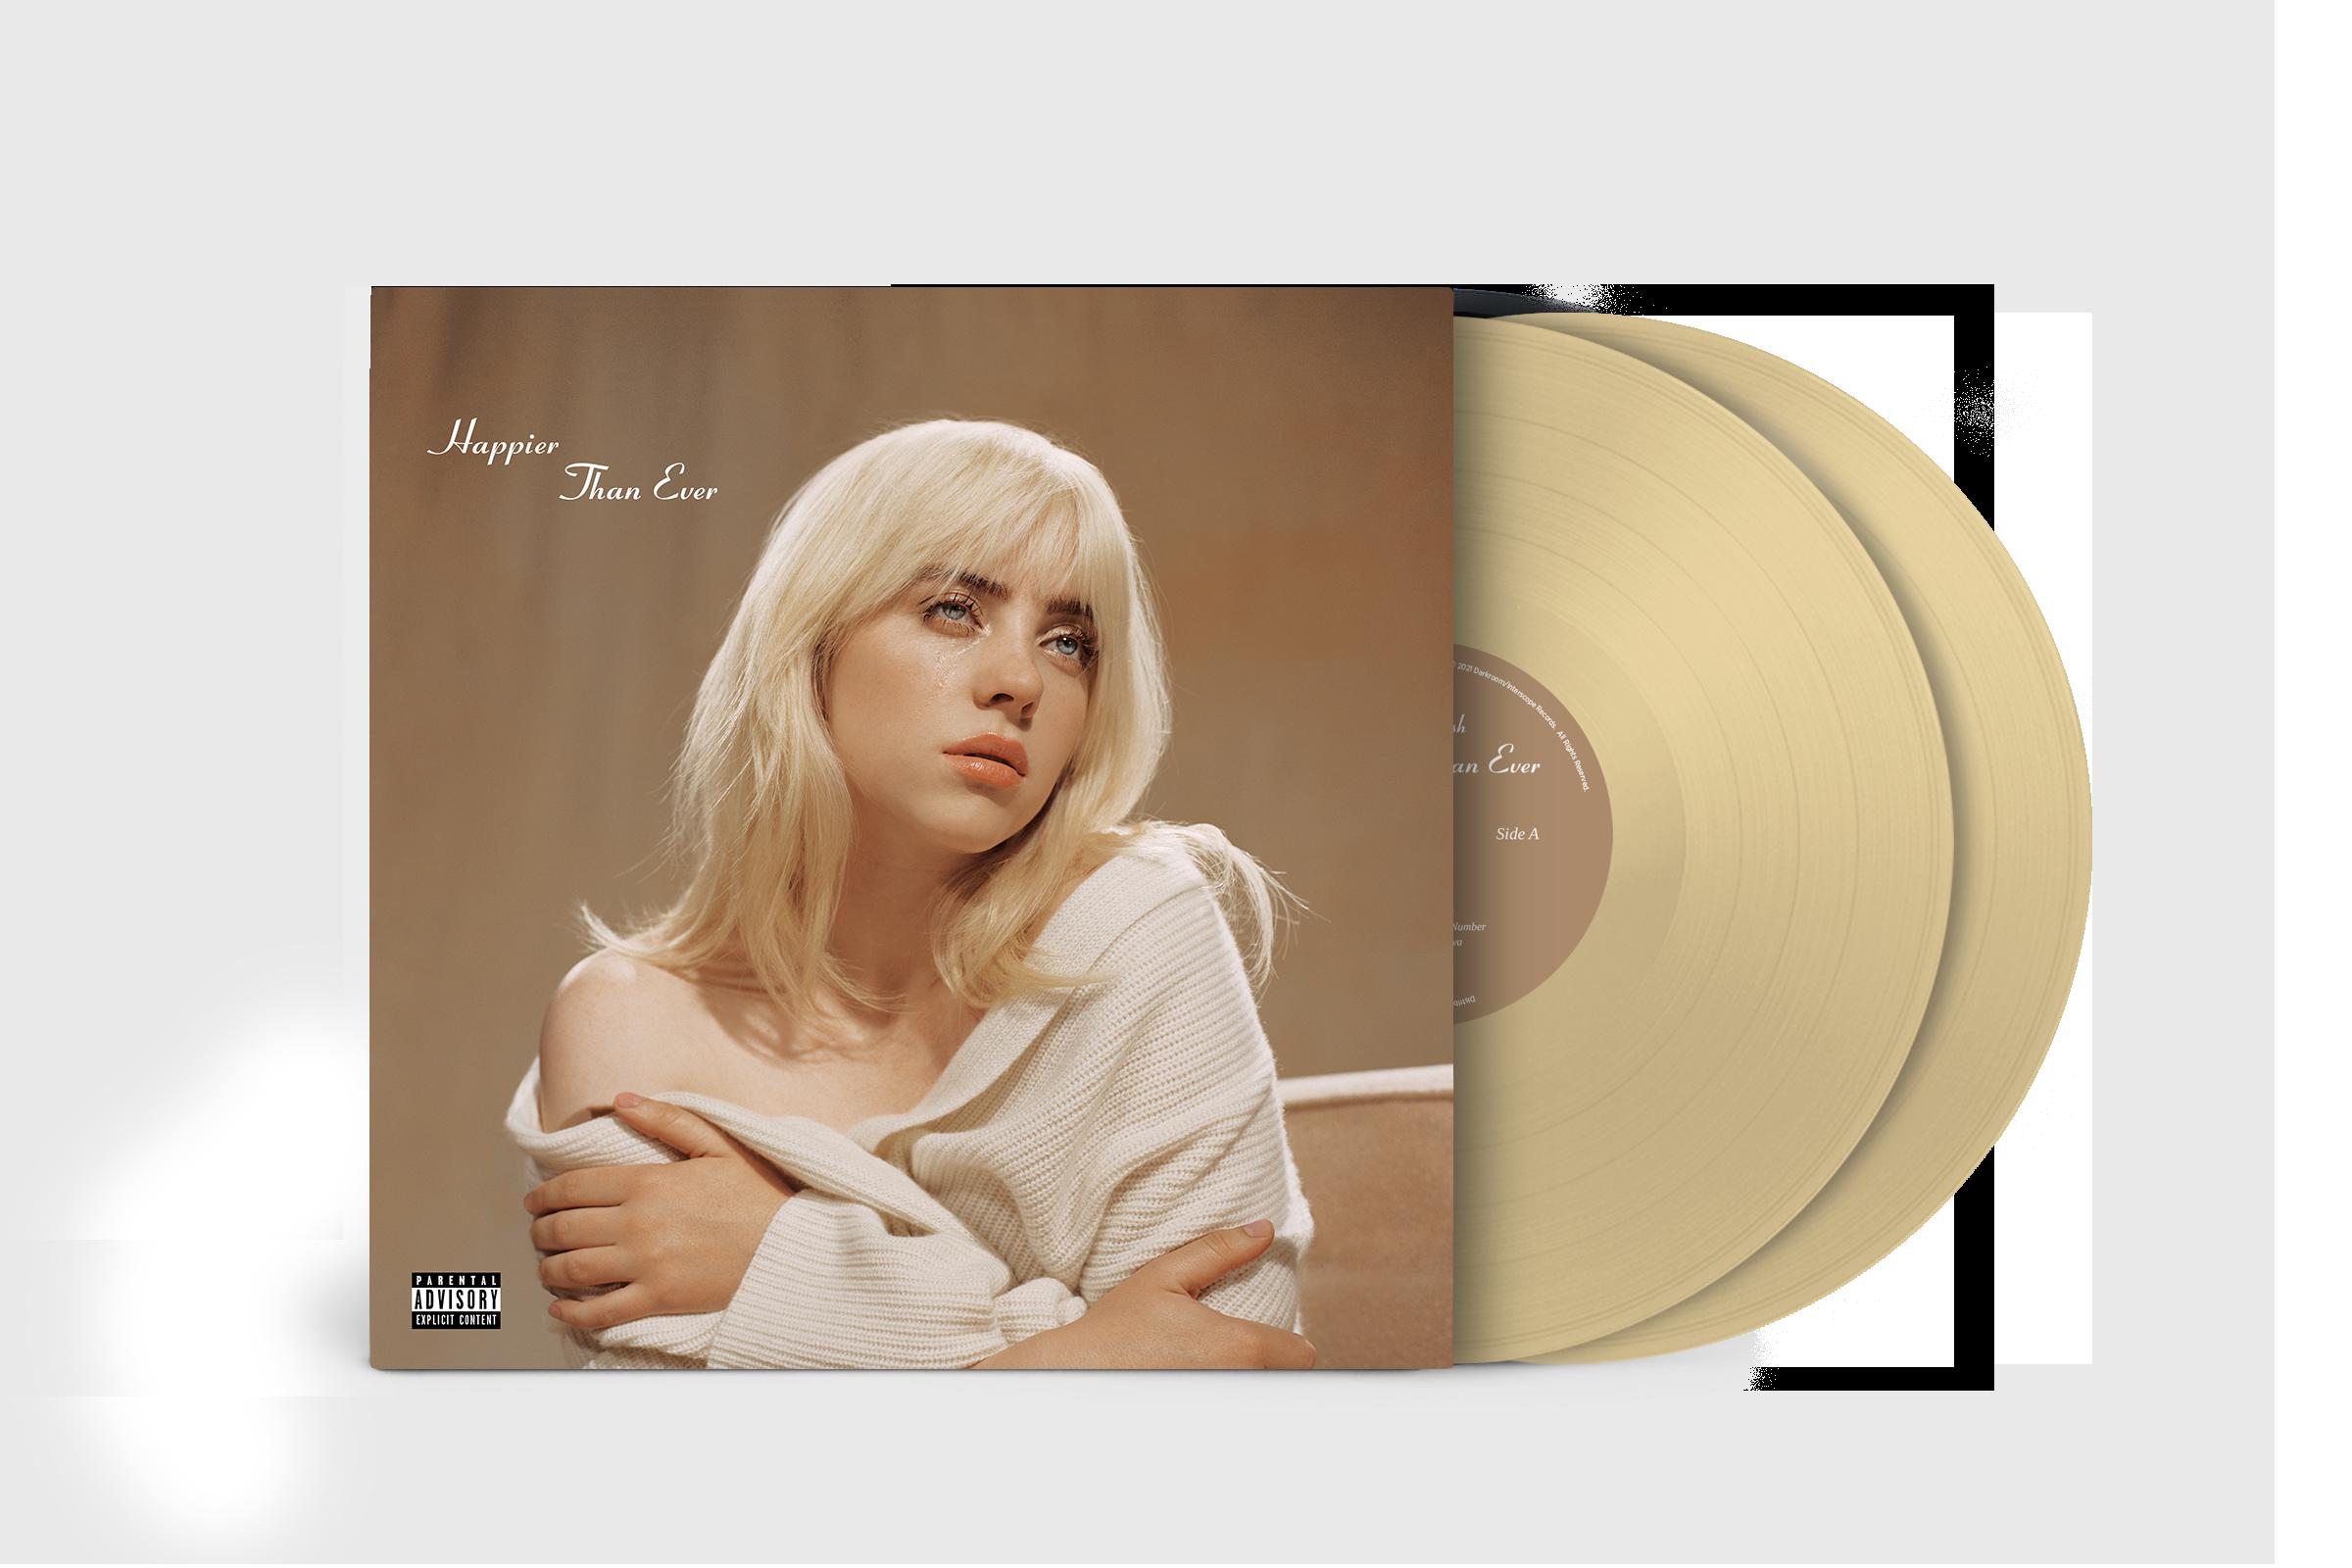 'Happier Than Ever' Exclusive Golden Yellow Vinyl